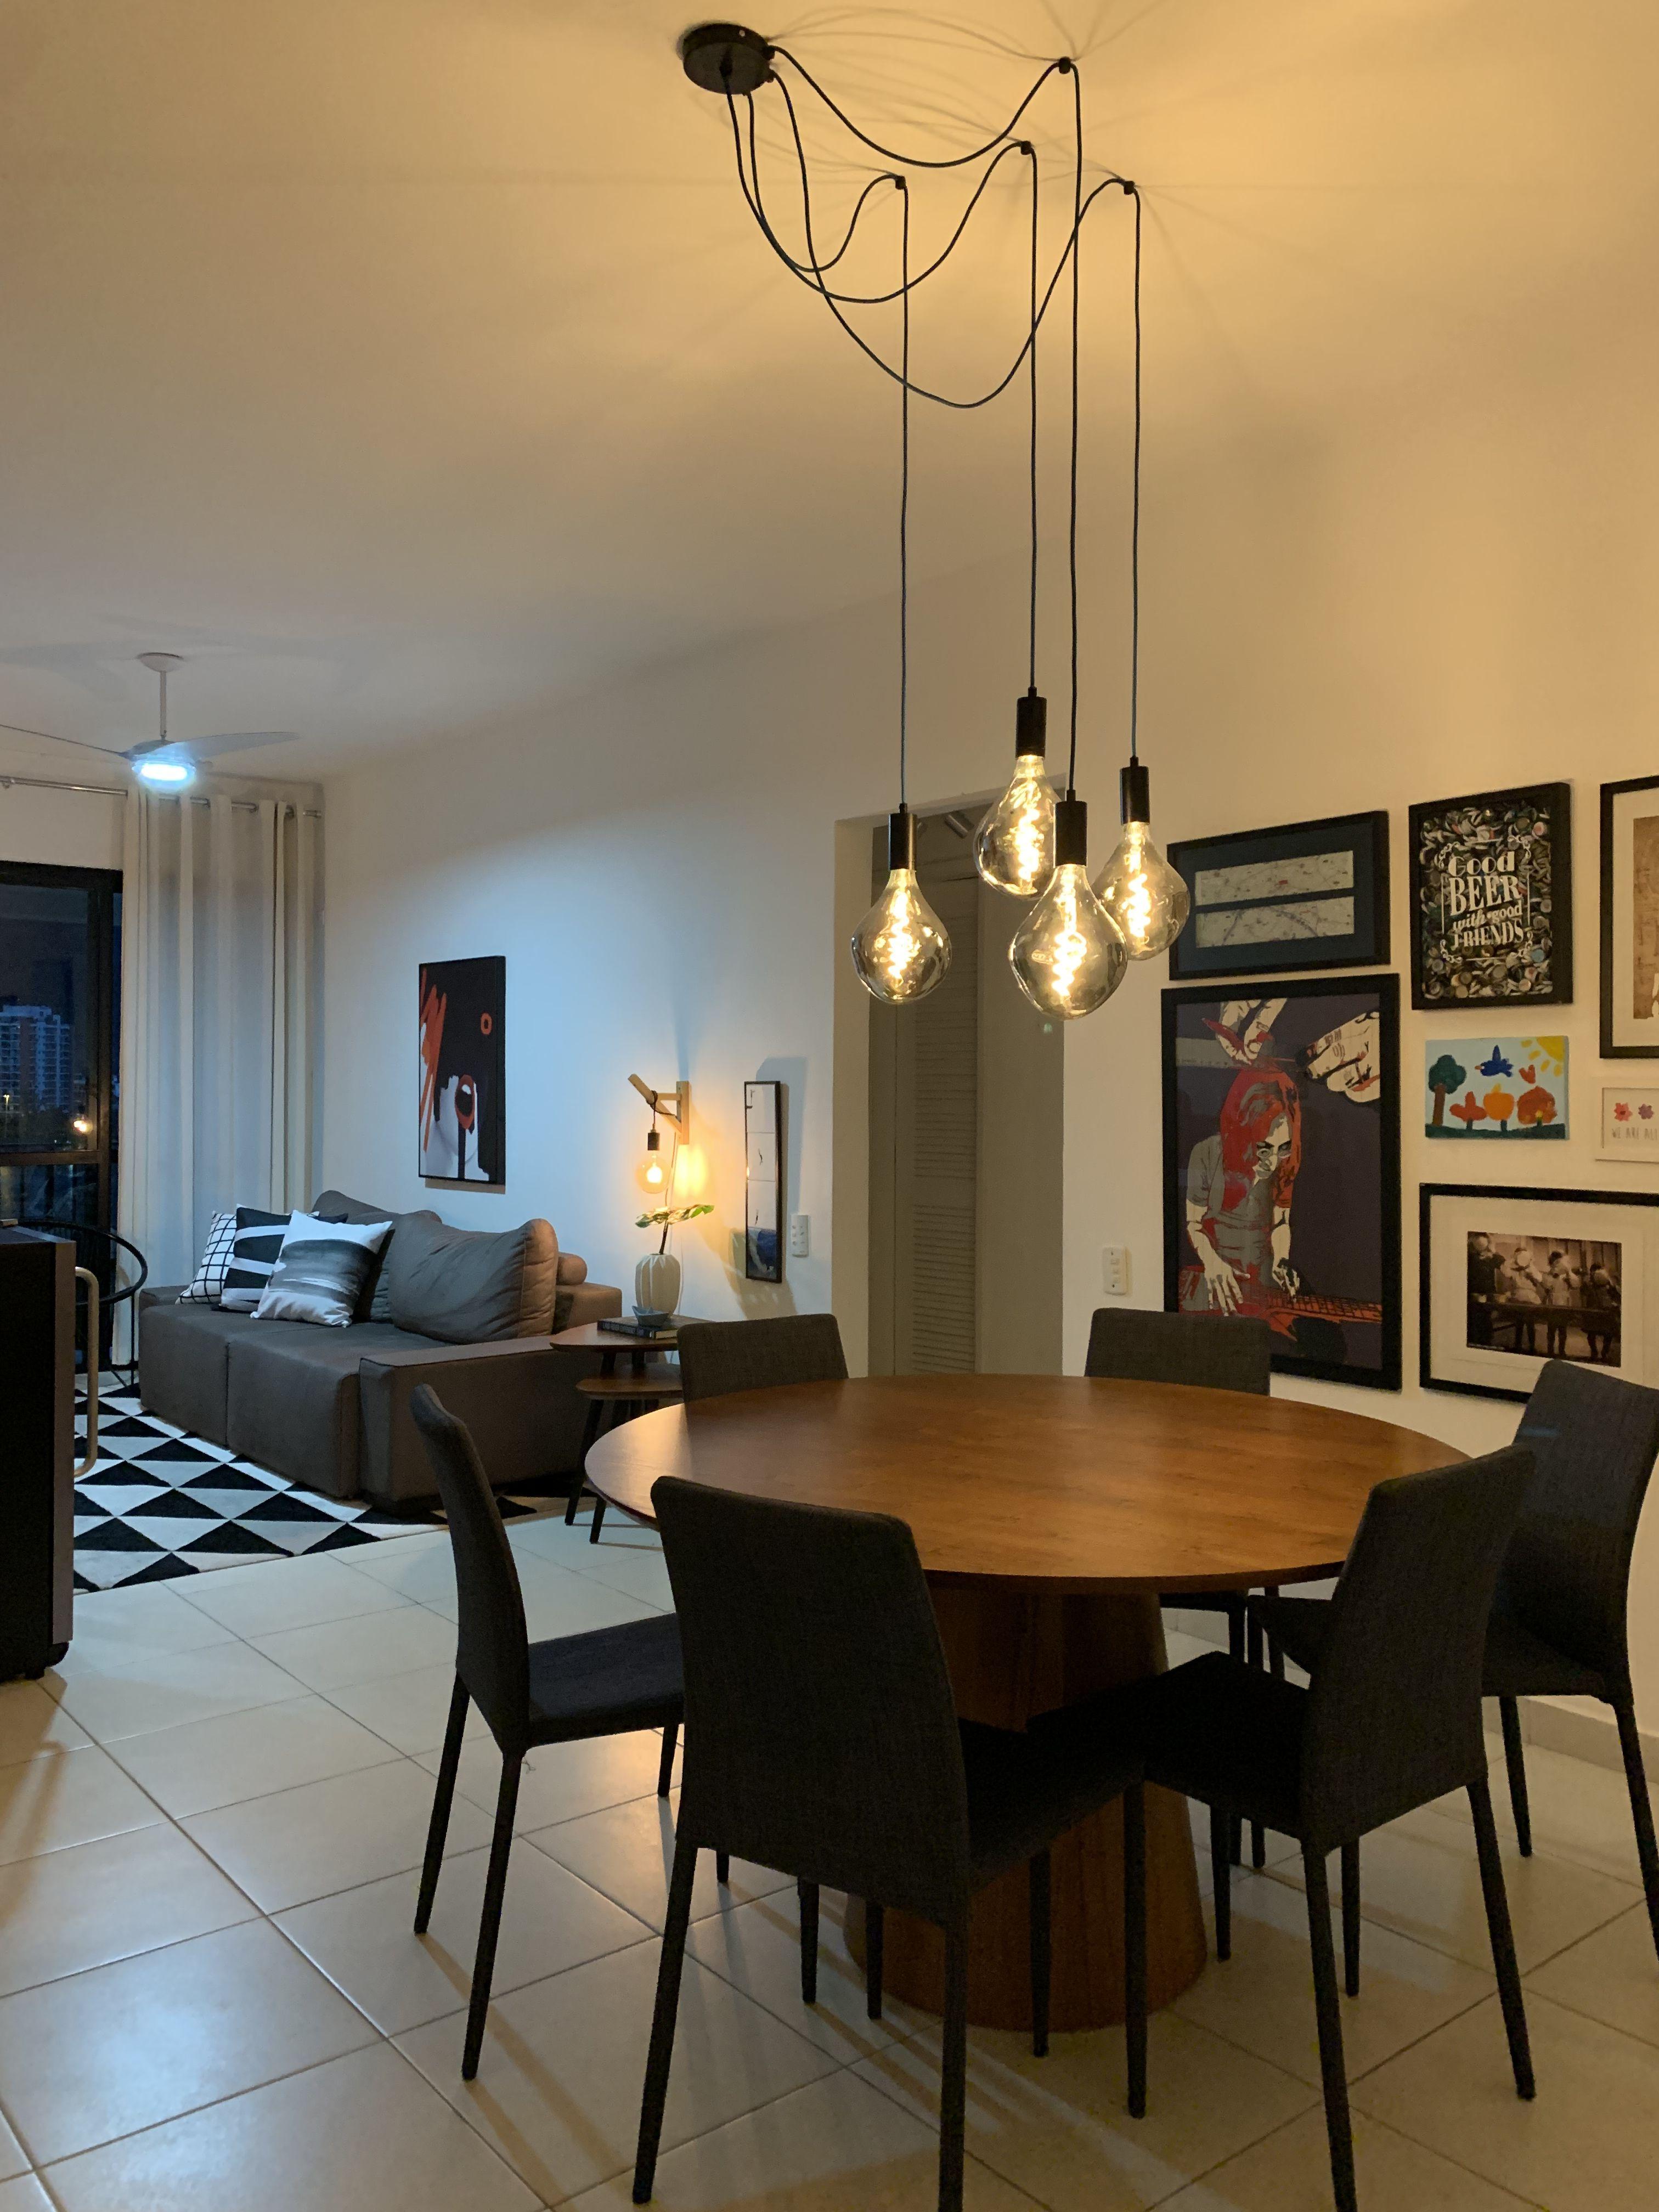 Luminária de teto Pendente Sala de jantar Creative Lamps | Iluminação da  sala de jantar, Pendente sala de jantar, Lustre sala de jantar